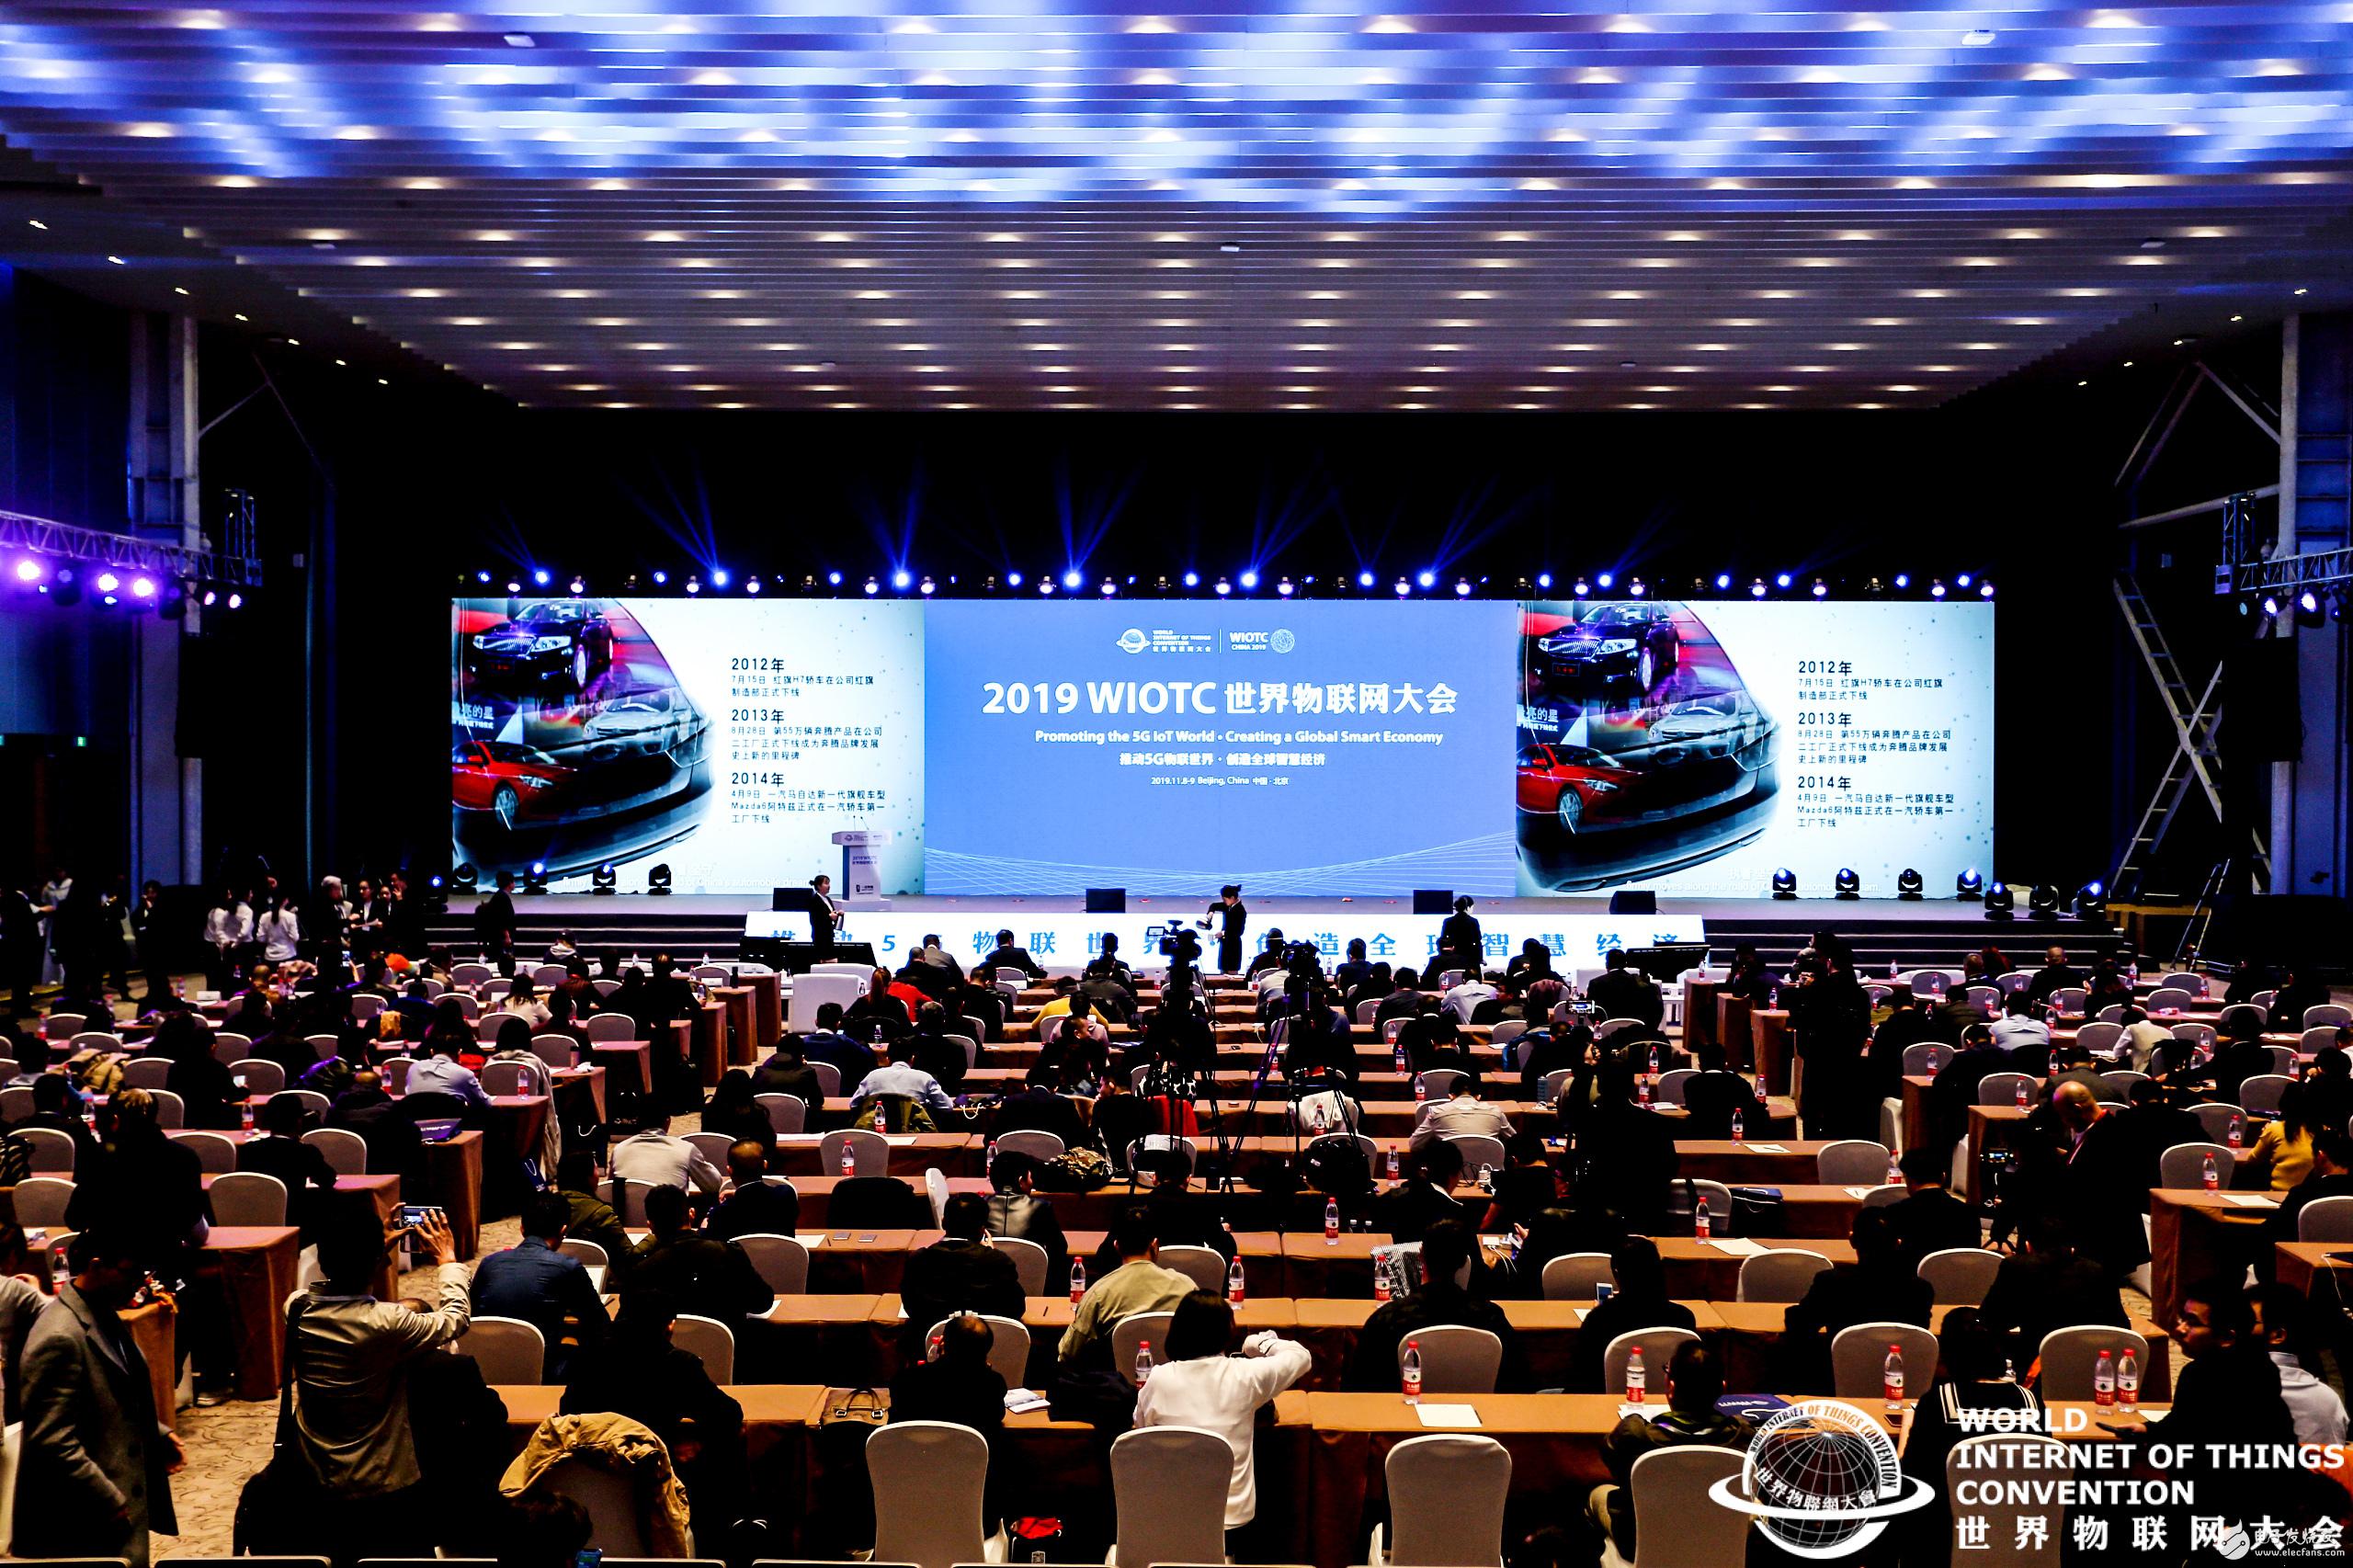 中国占全球物联网产值的1/4,预计2025年全球产值将达30万亿美元